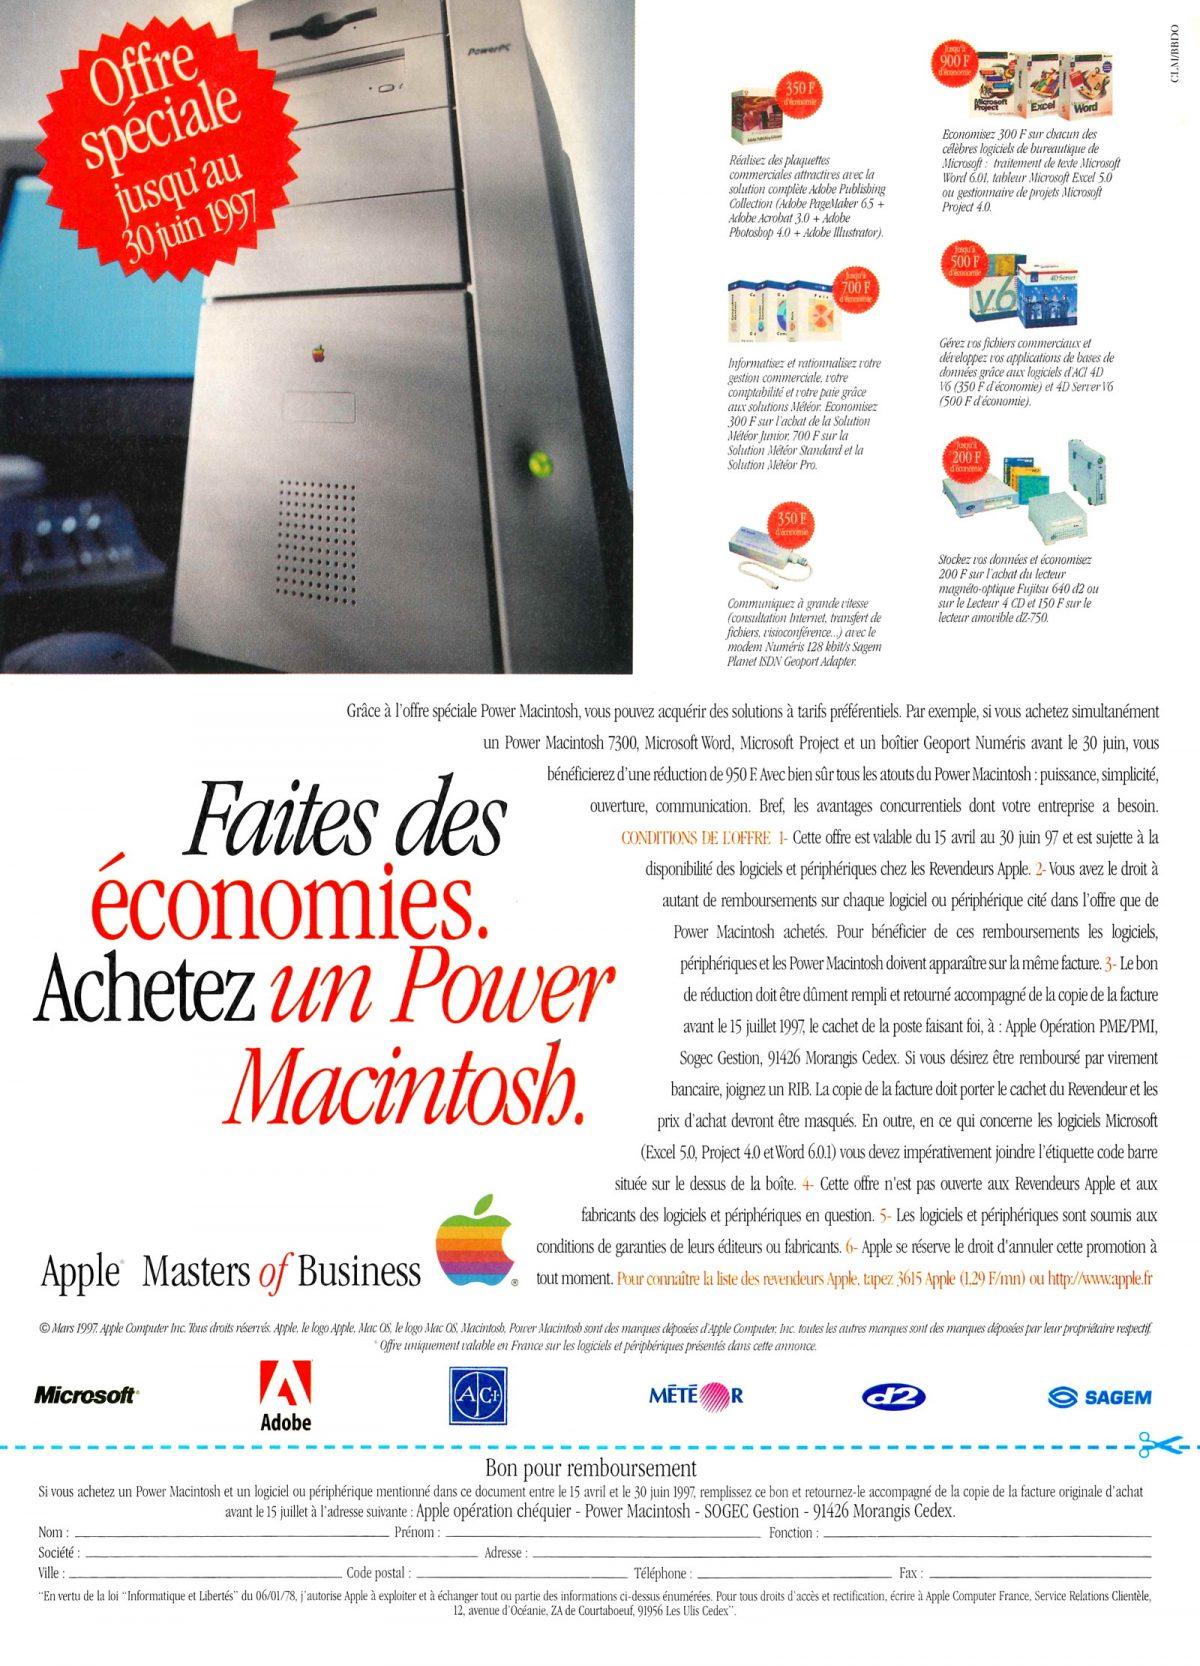 Publicité Mars 1997 Power Macintosh économies